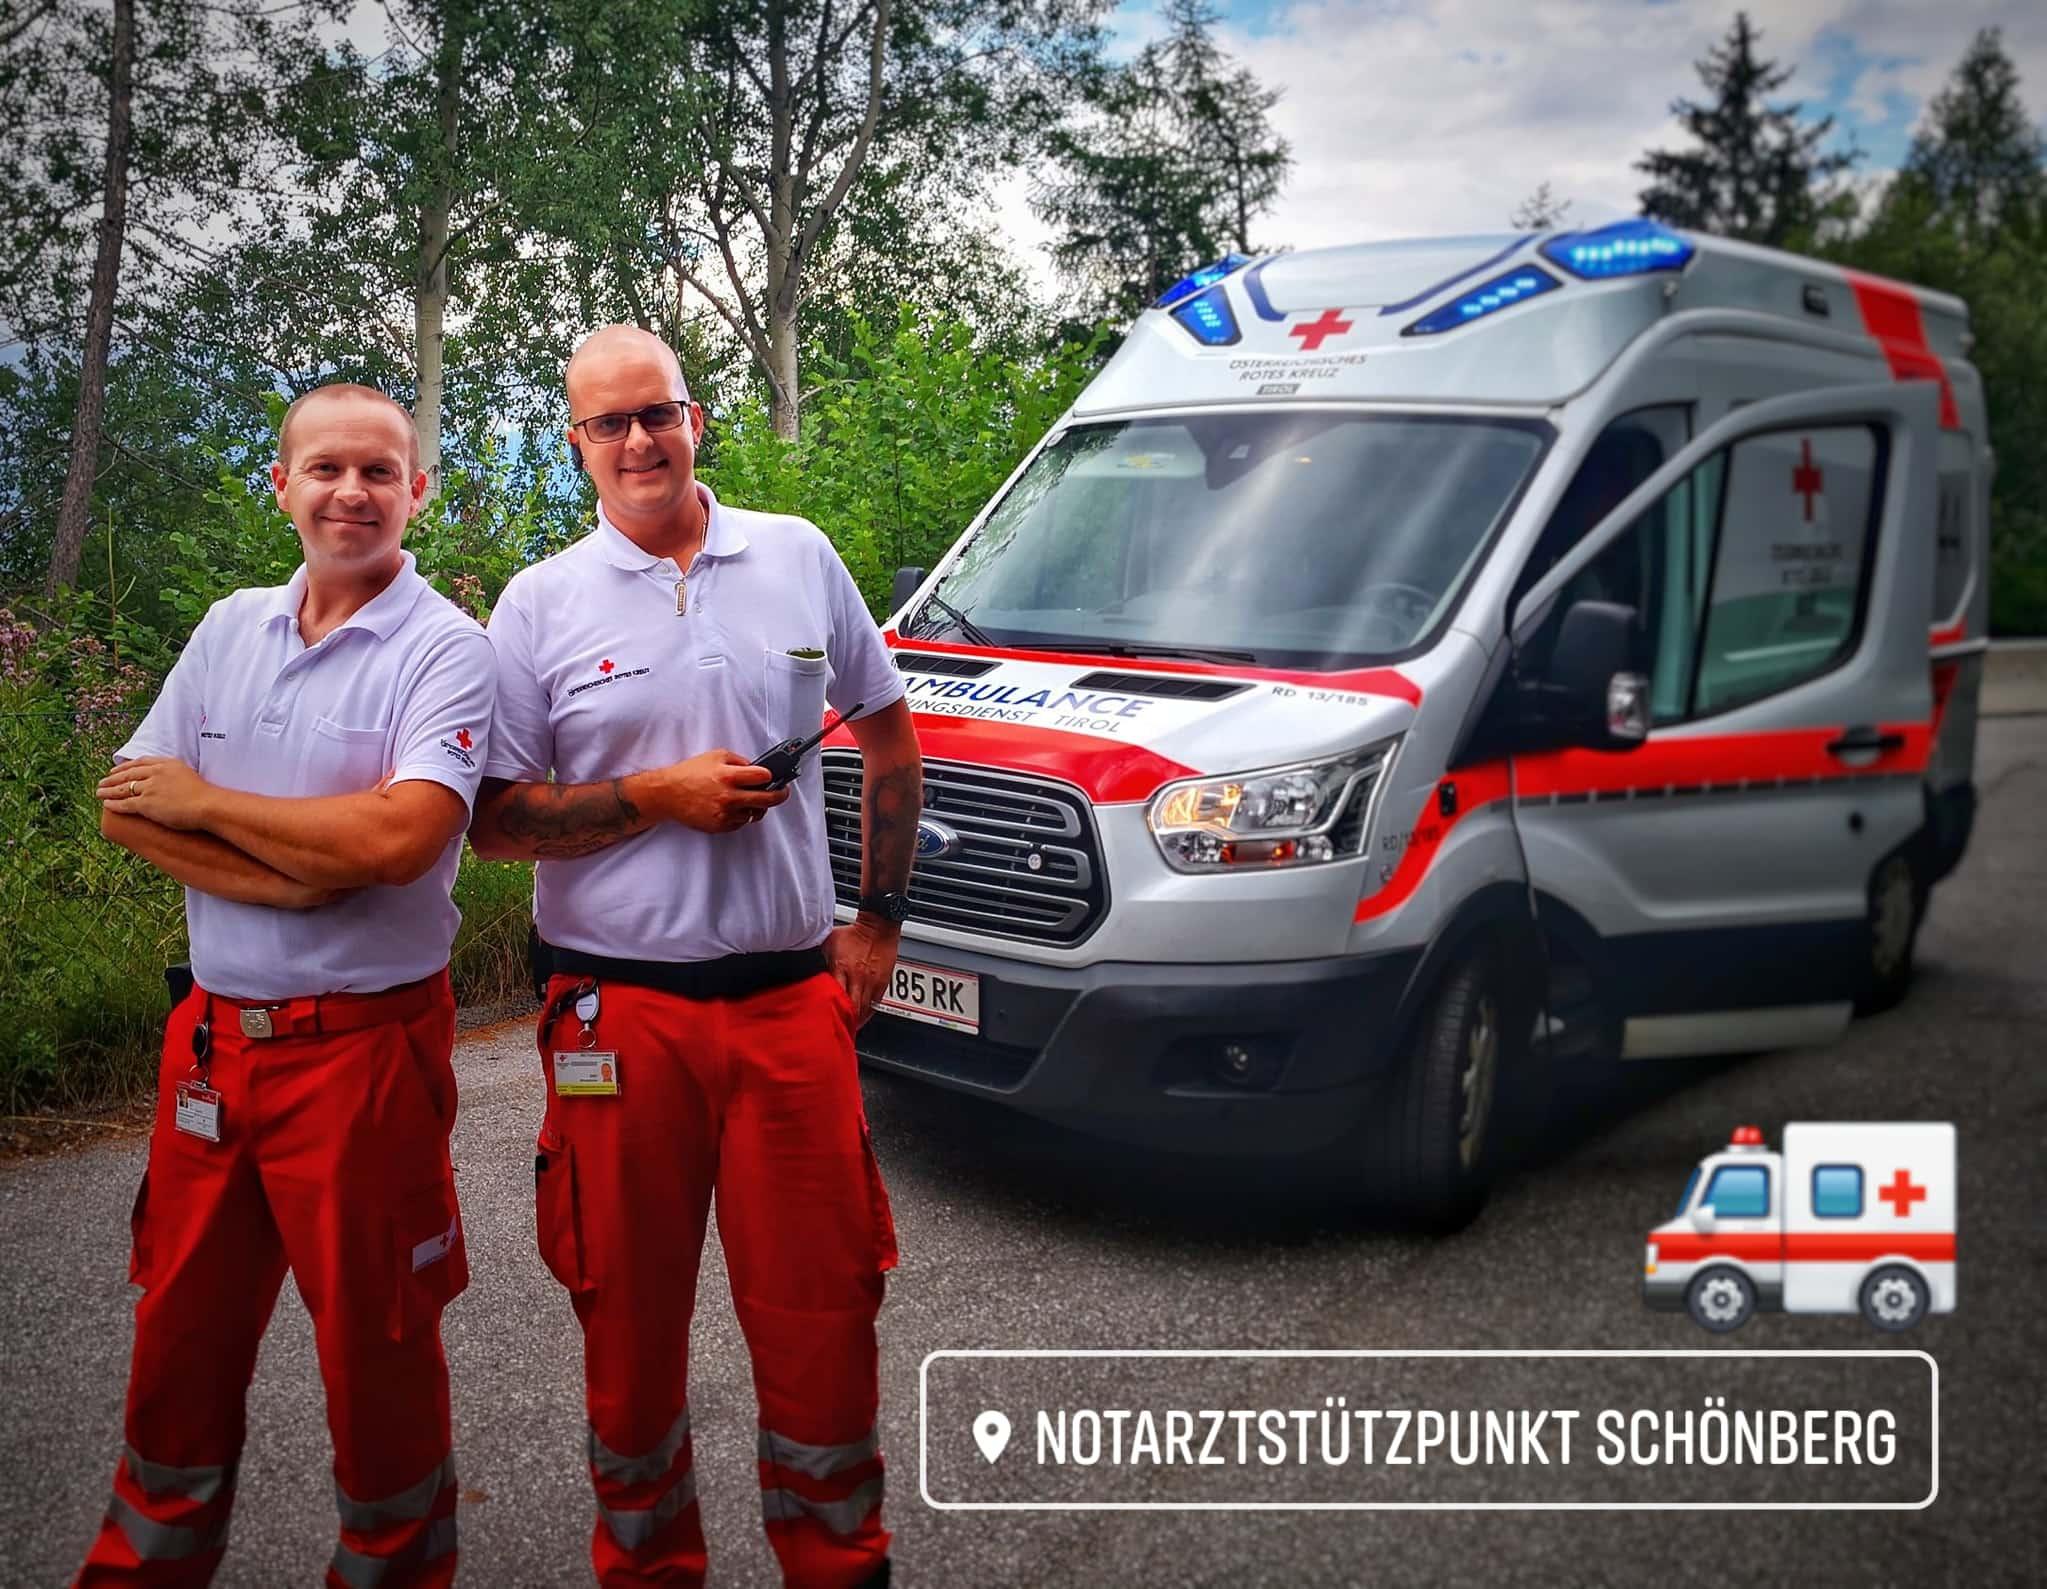 67542390 10214621114537671 6033962364028583936 o - Ehrenamtlich Rettungssanitäter, Kriseninterventionsteam - beim Österreichischen Roten Kreuz